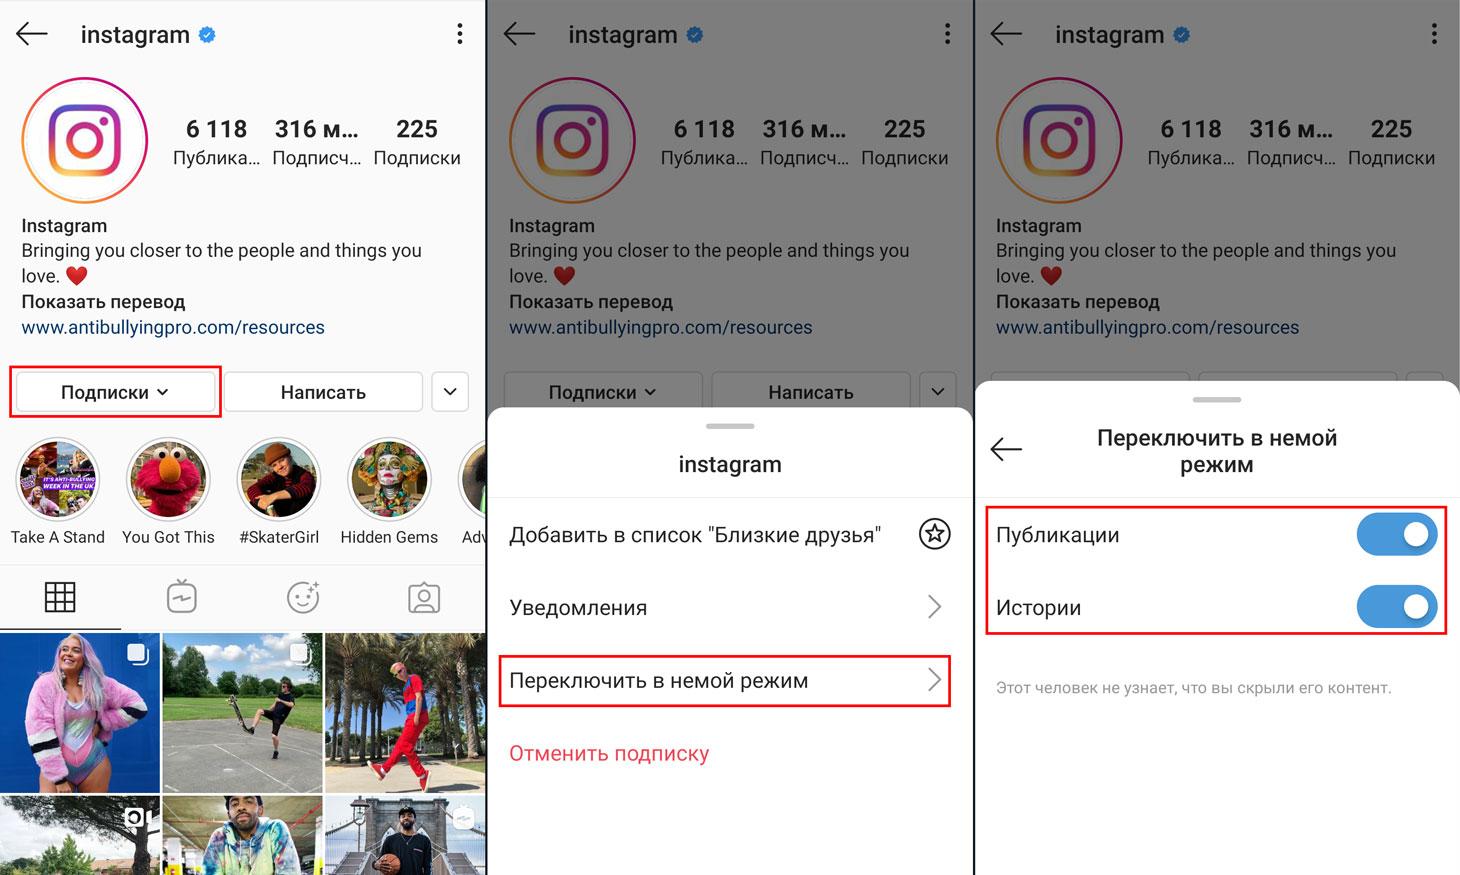 Настройка перевода пользователя в Instagram в немой режим